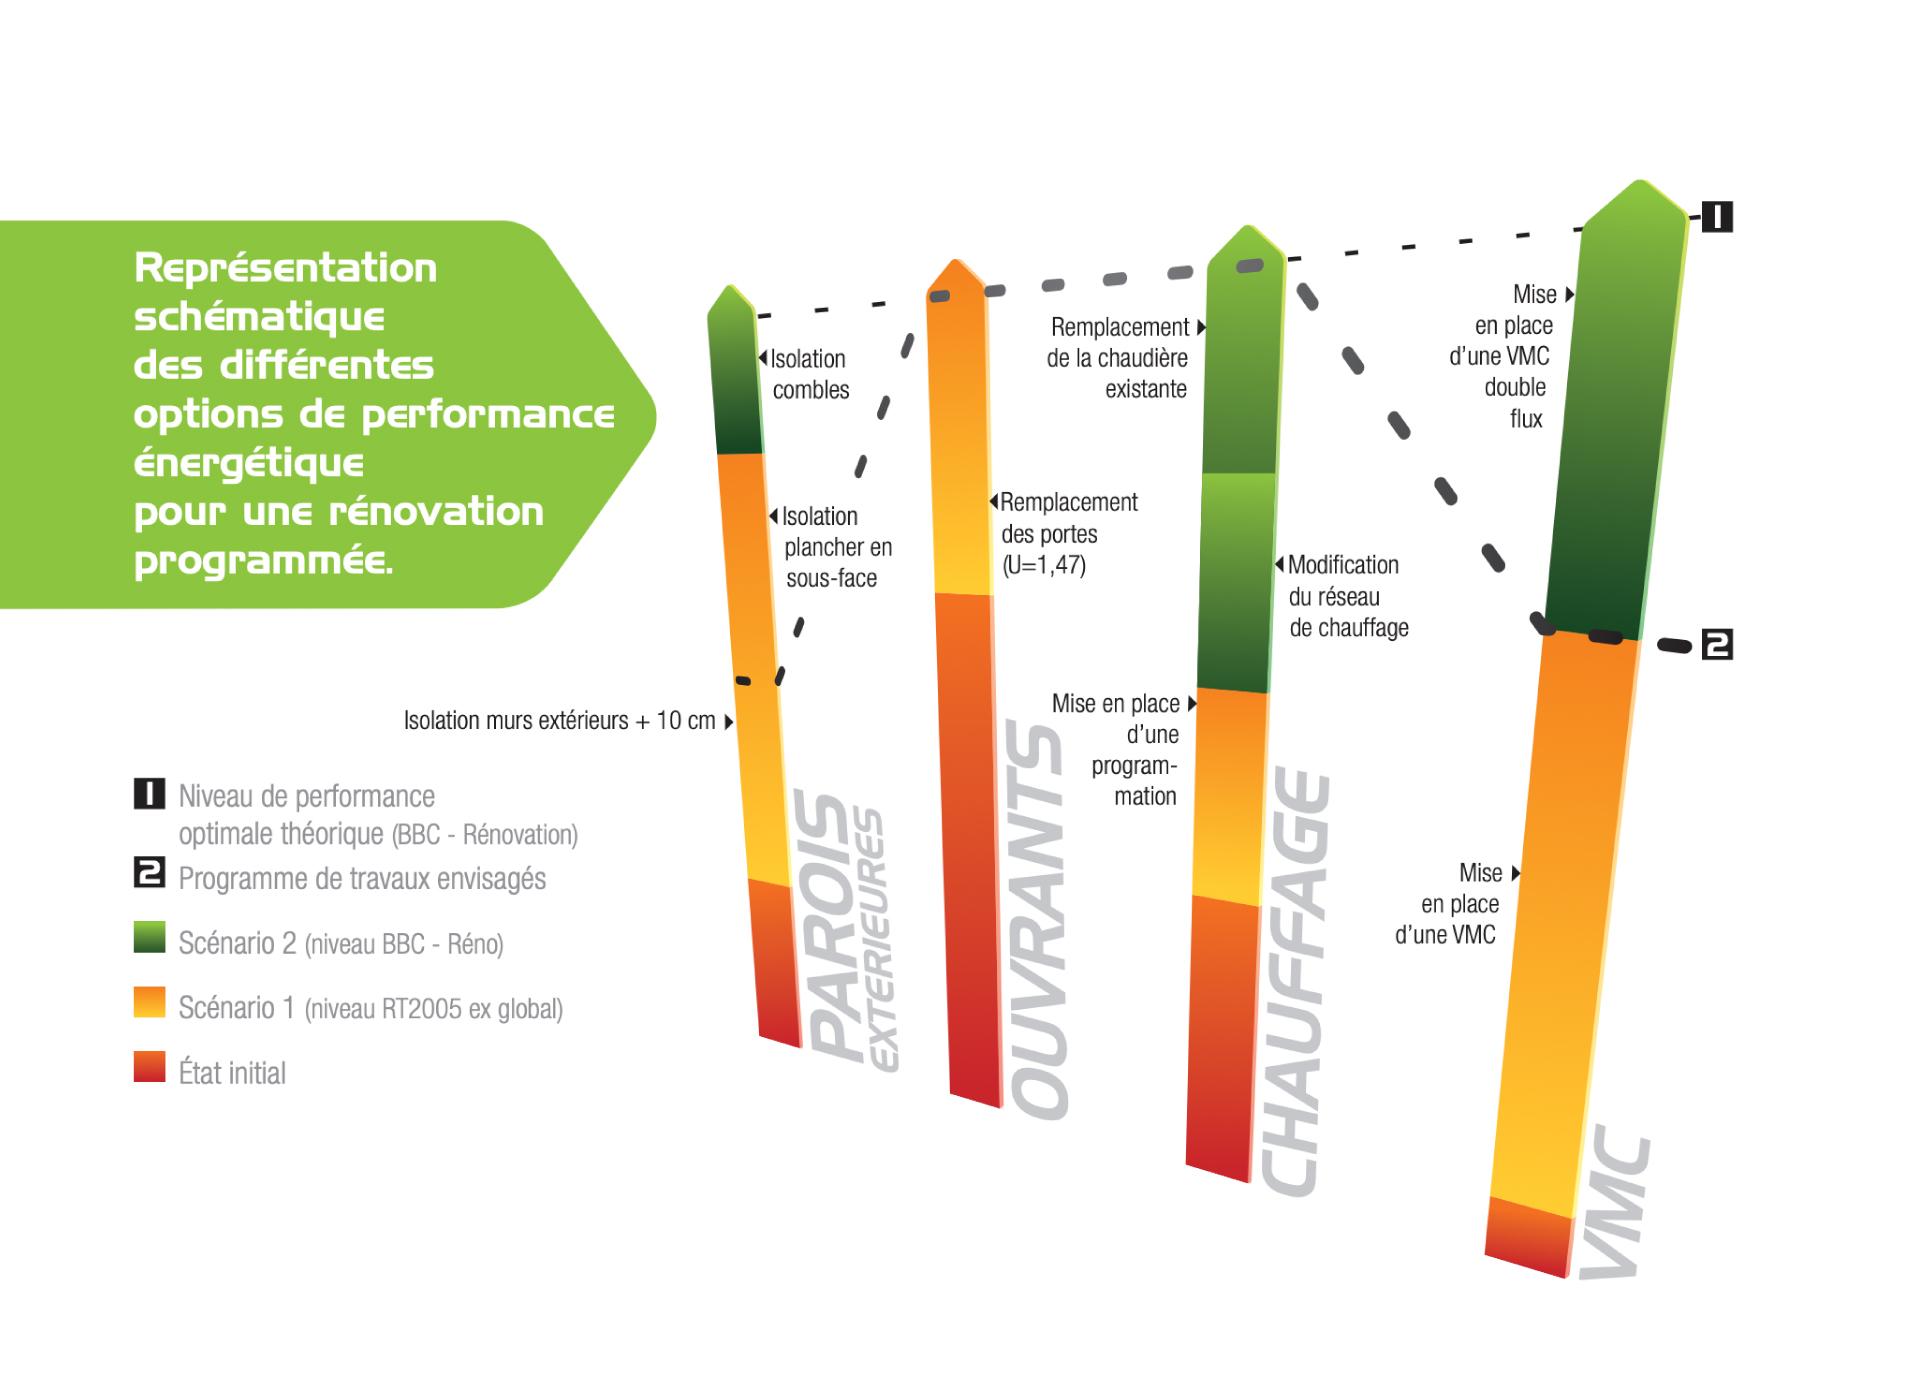 Schéma de performance énergétique